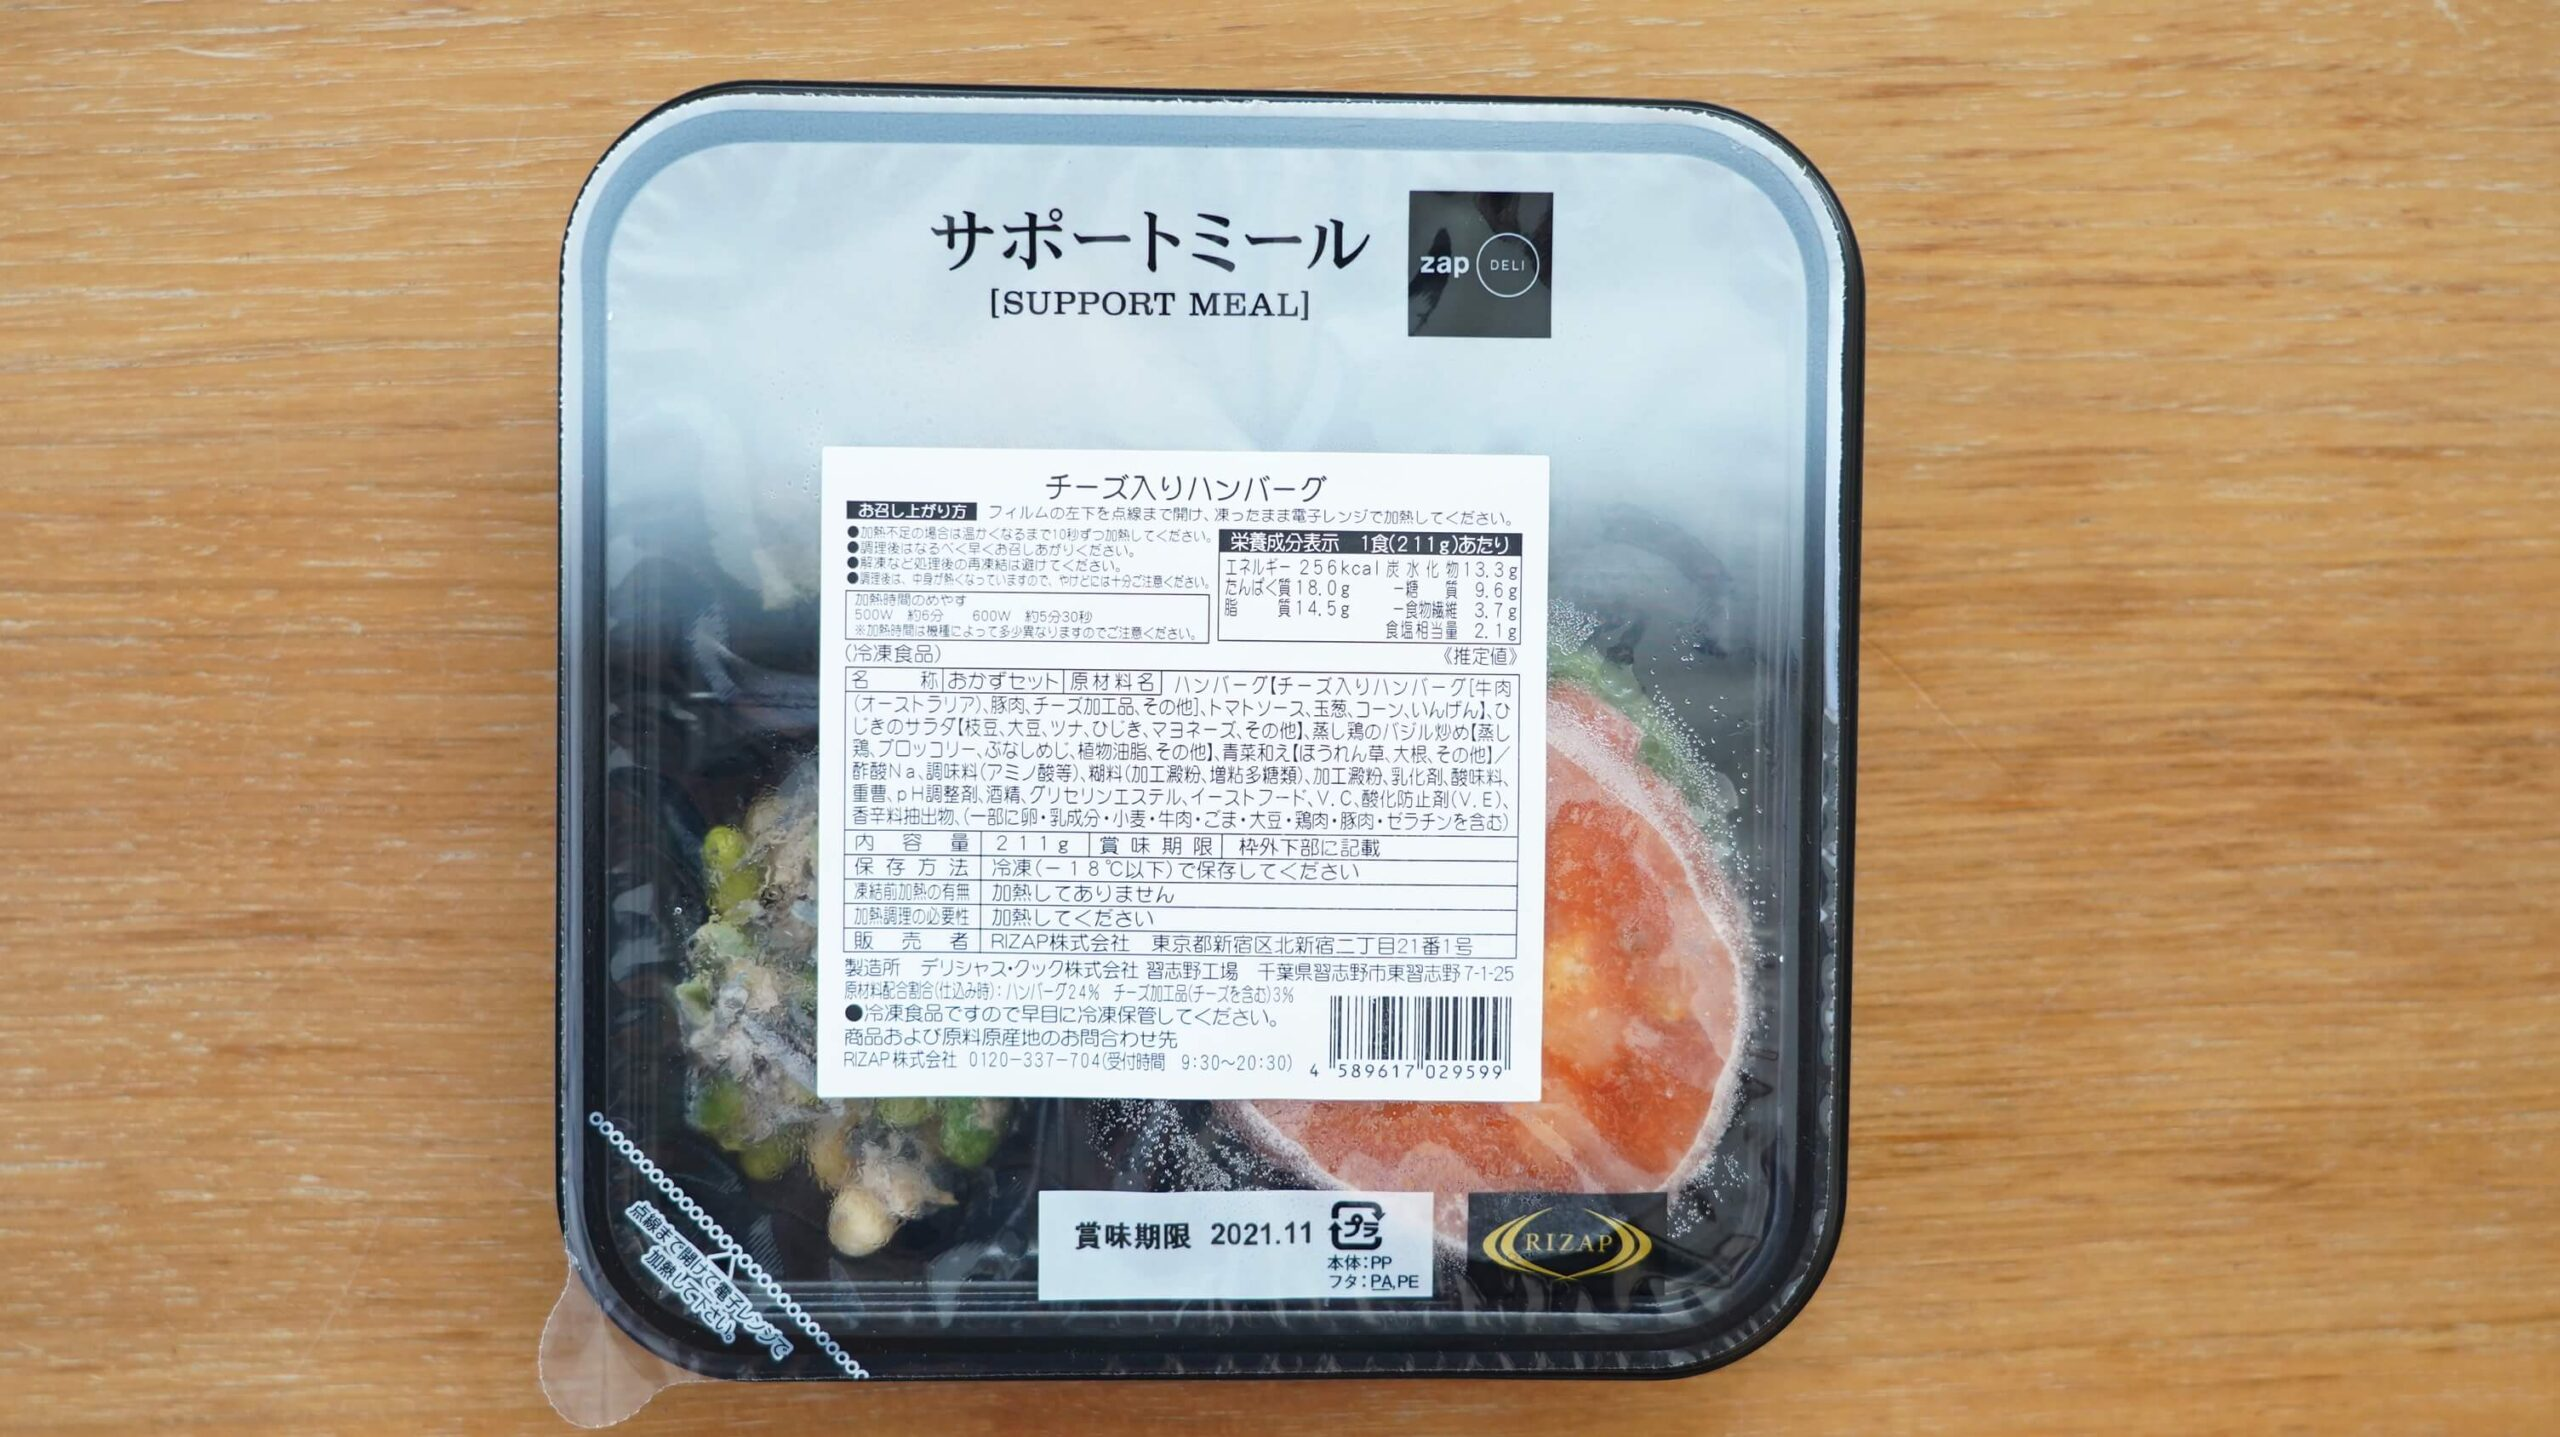 ライザップのサポートミール「チーズ入りハンバーグ」のパッケージ写真